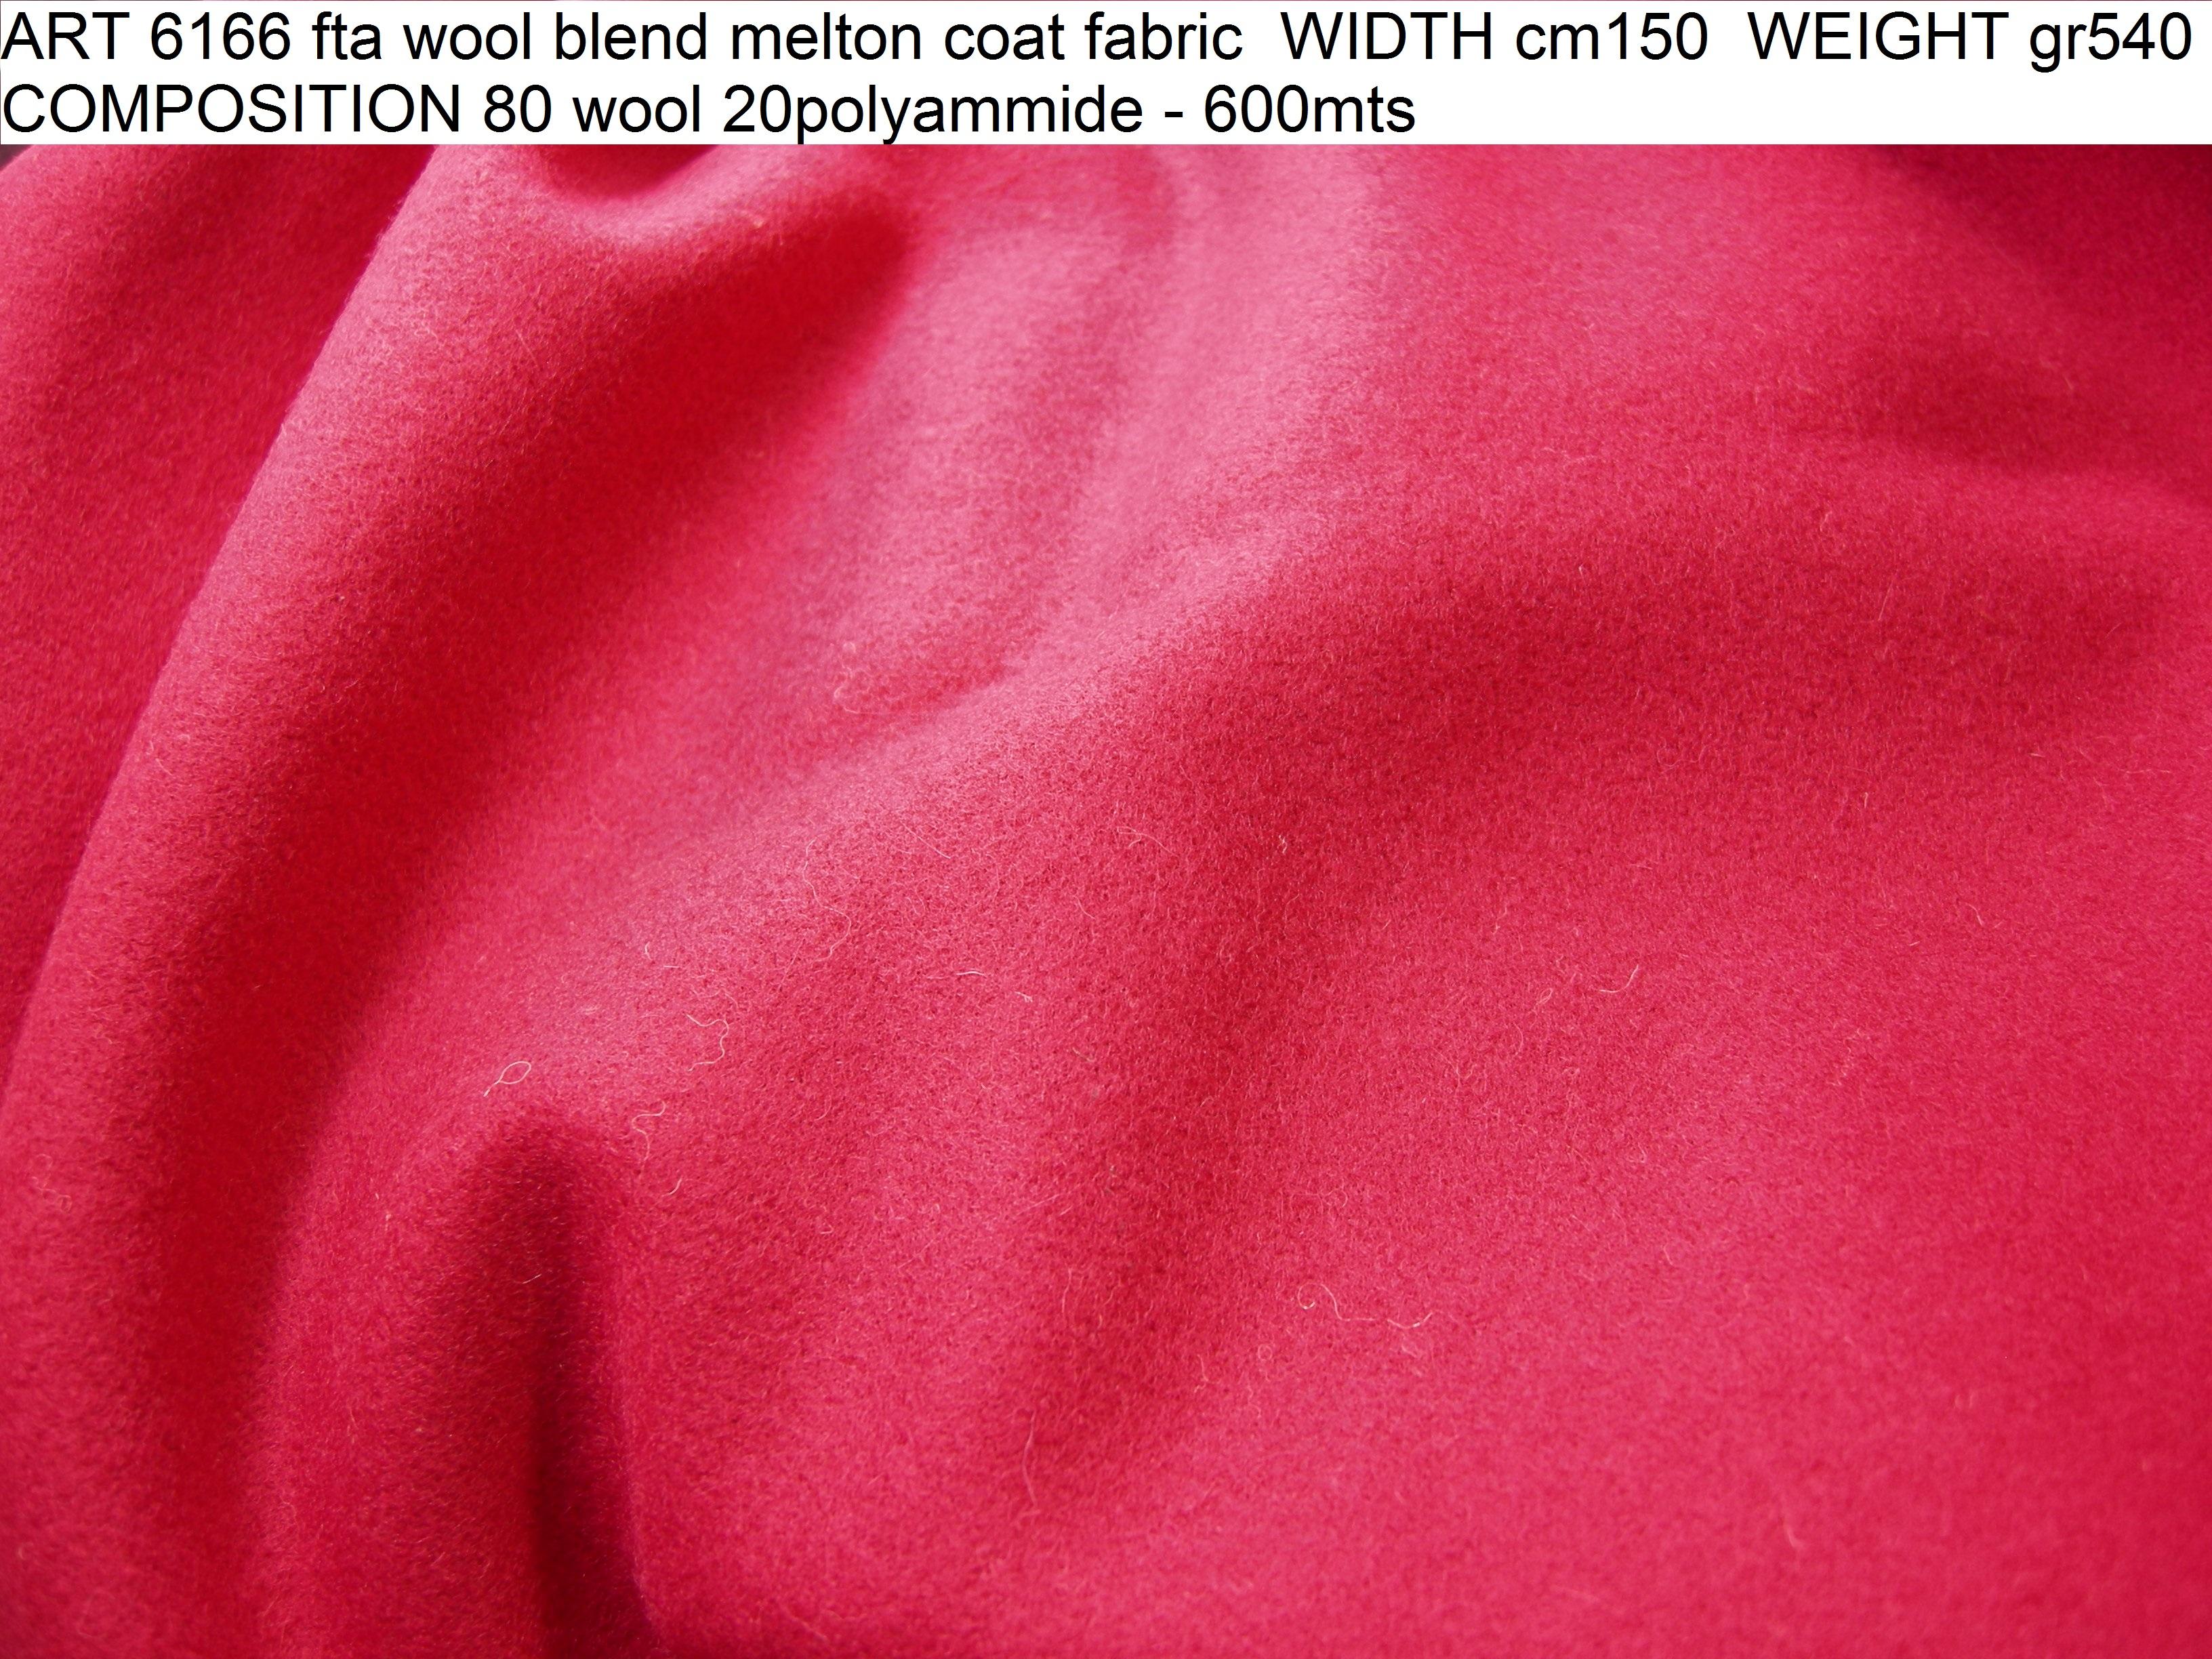 ART 6166 fta wool blend melton coat fabric WIDTH cm150 WEIGHT gr540 COMPOSITION 80 wool 20polyammide - 600mts